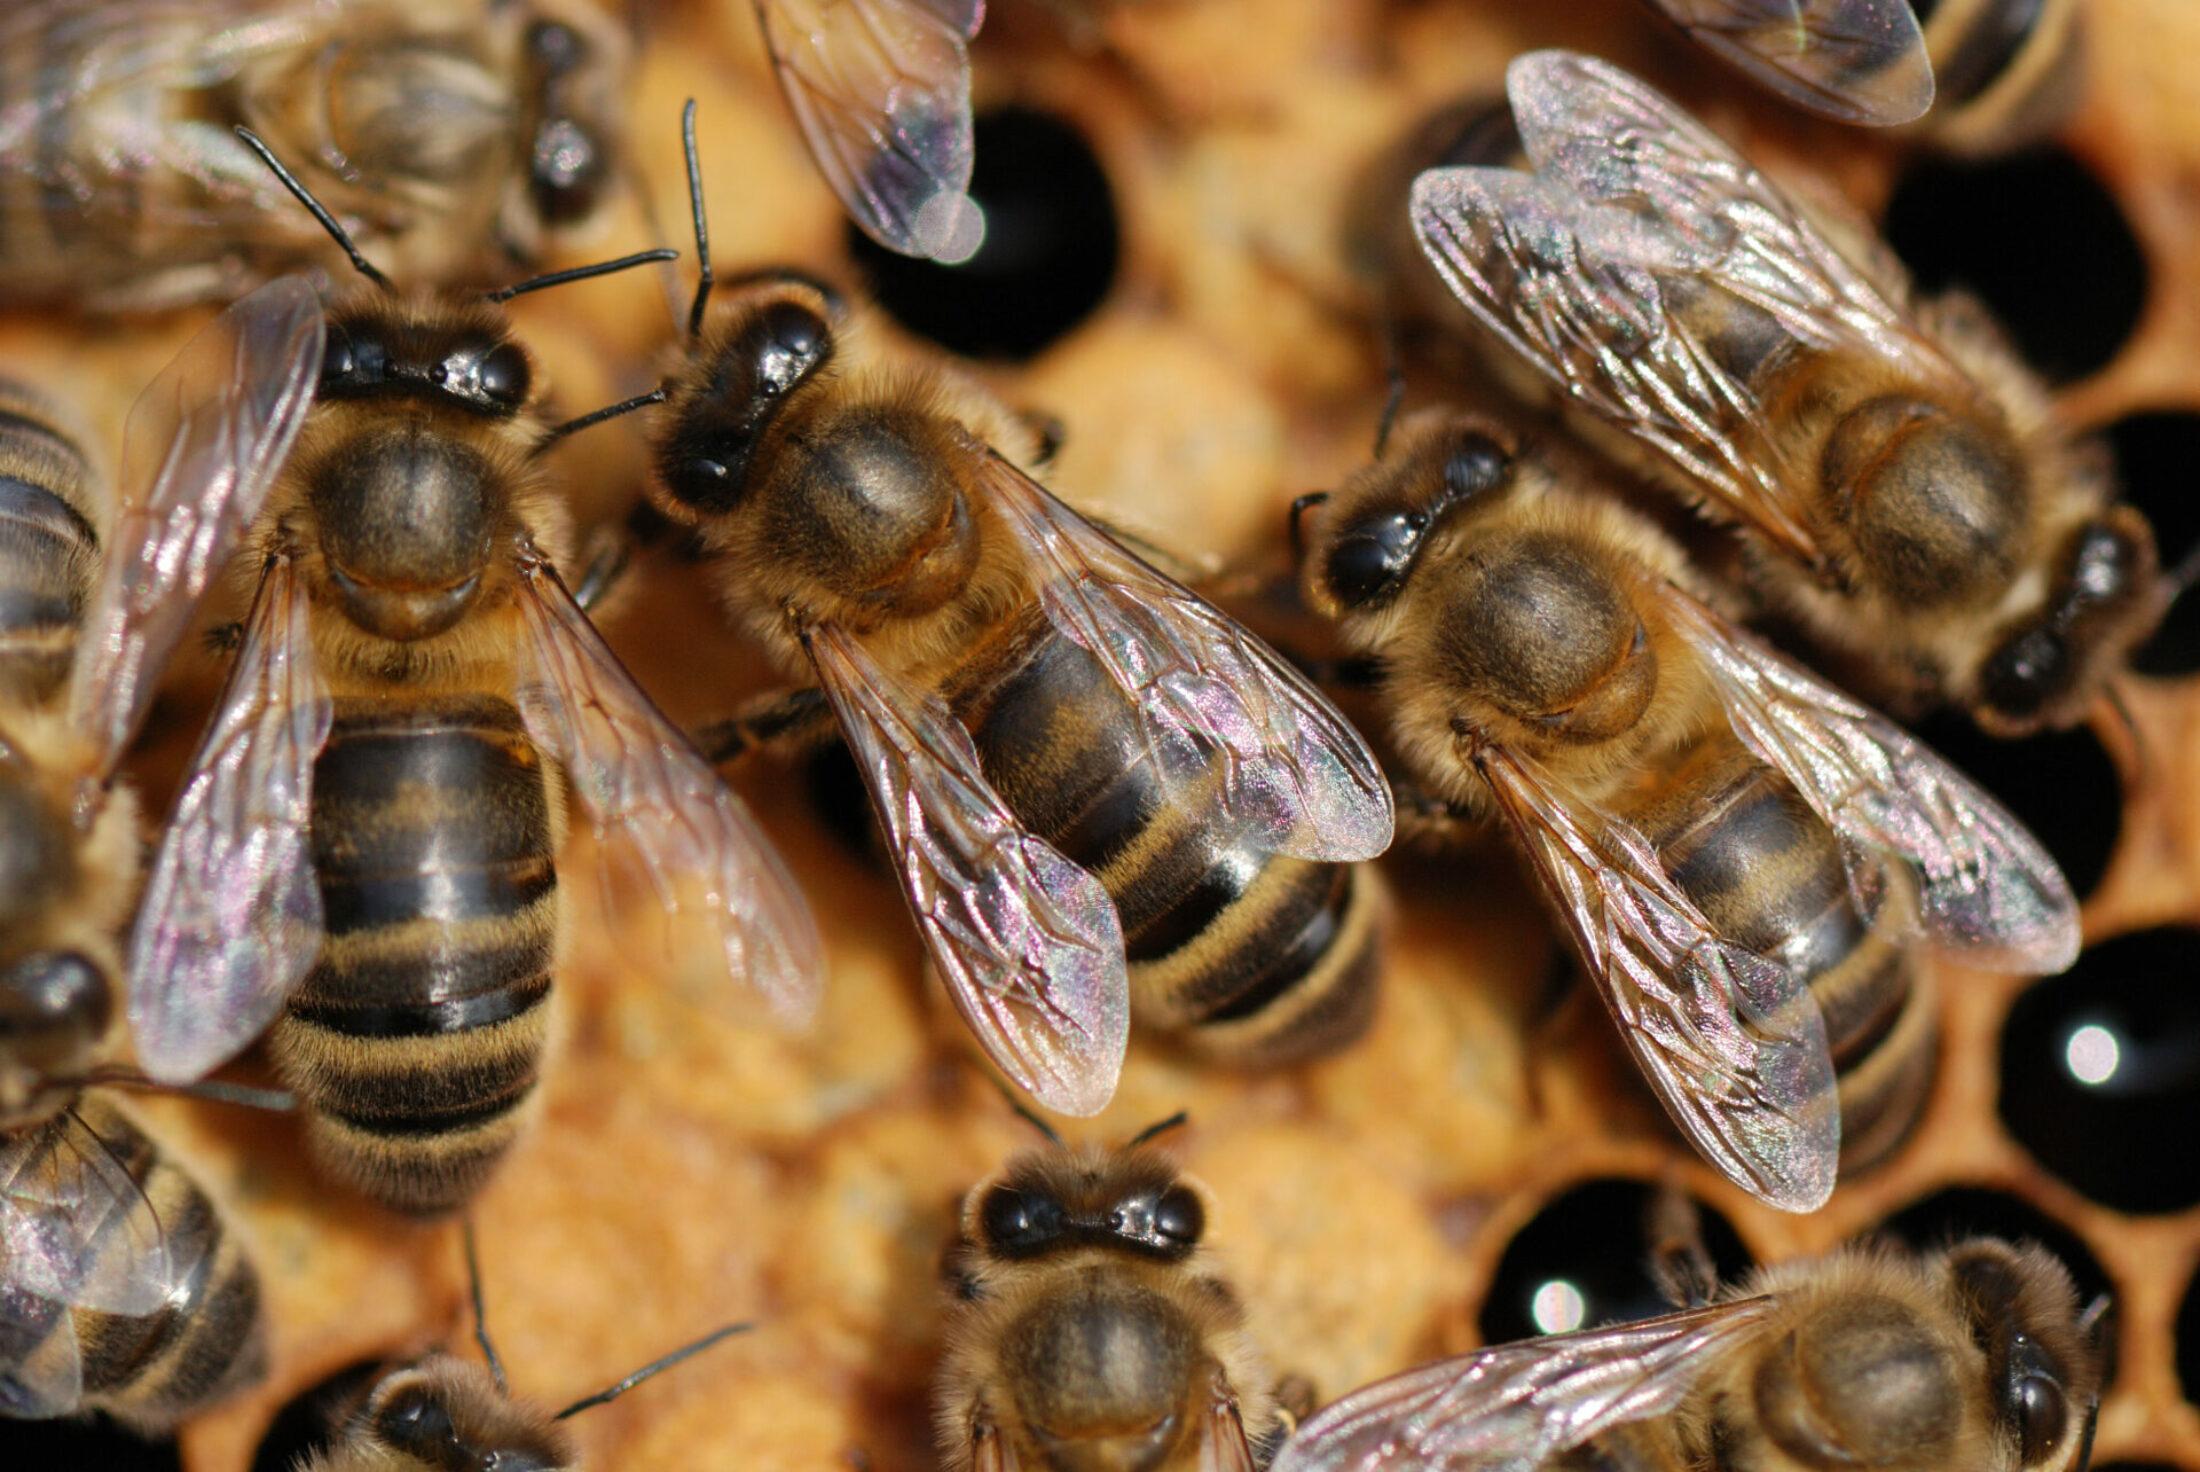 À la découverte de l'abeille indigène à Virelles